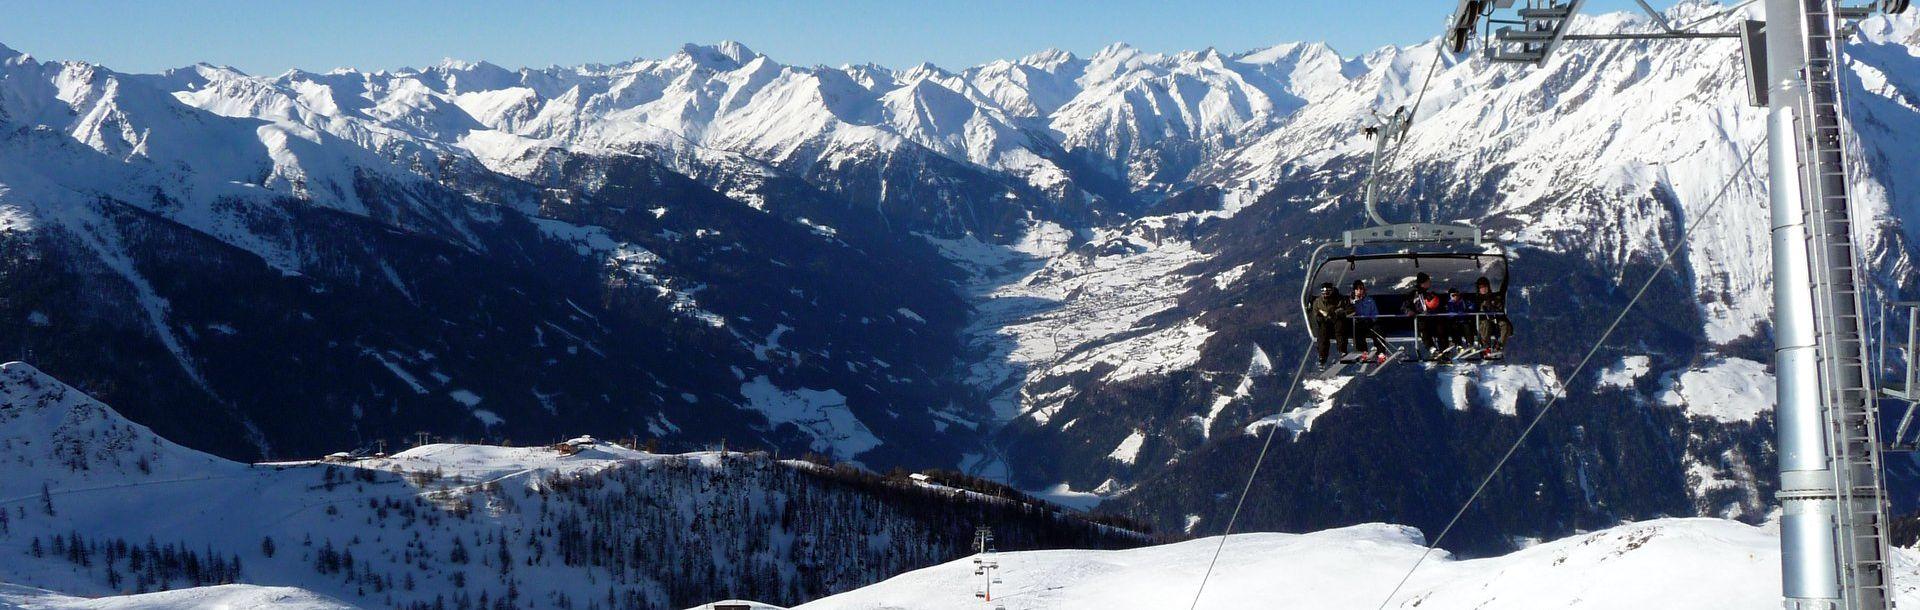 Skigebiet Grossglockner Resort Kals-Matrei in Osttirol